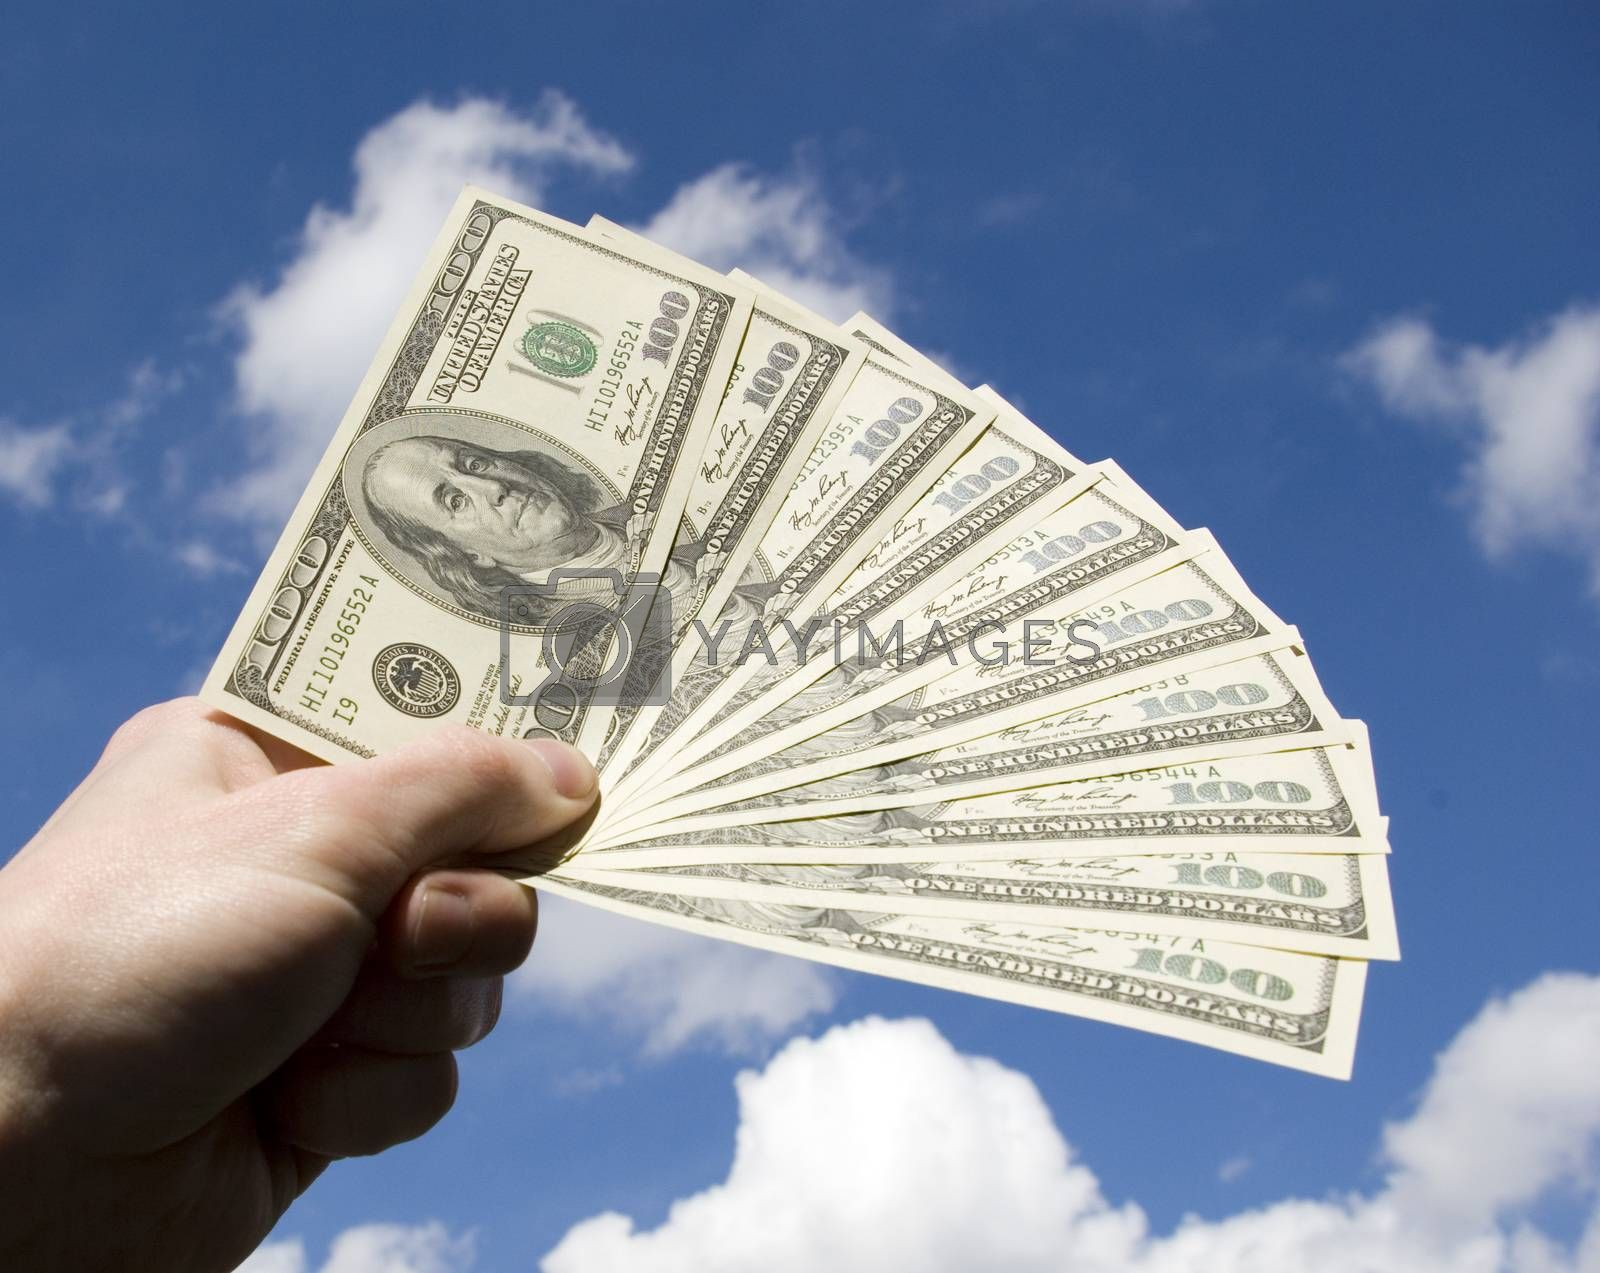 Royalty free image of Money in hand by Pakhnyushchyy